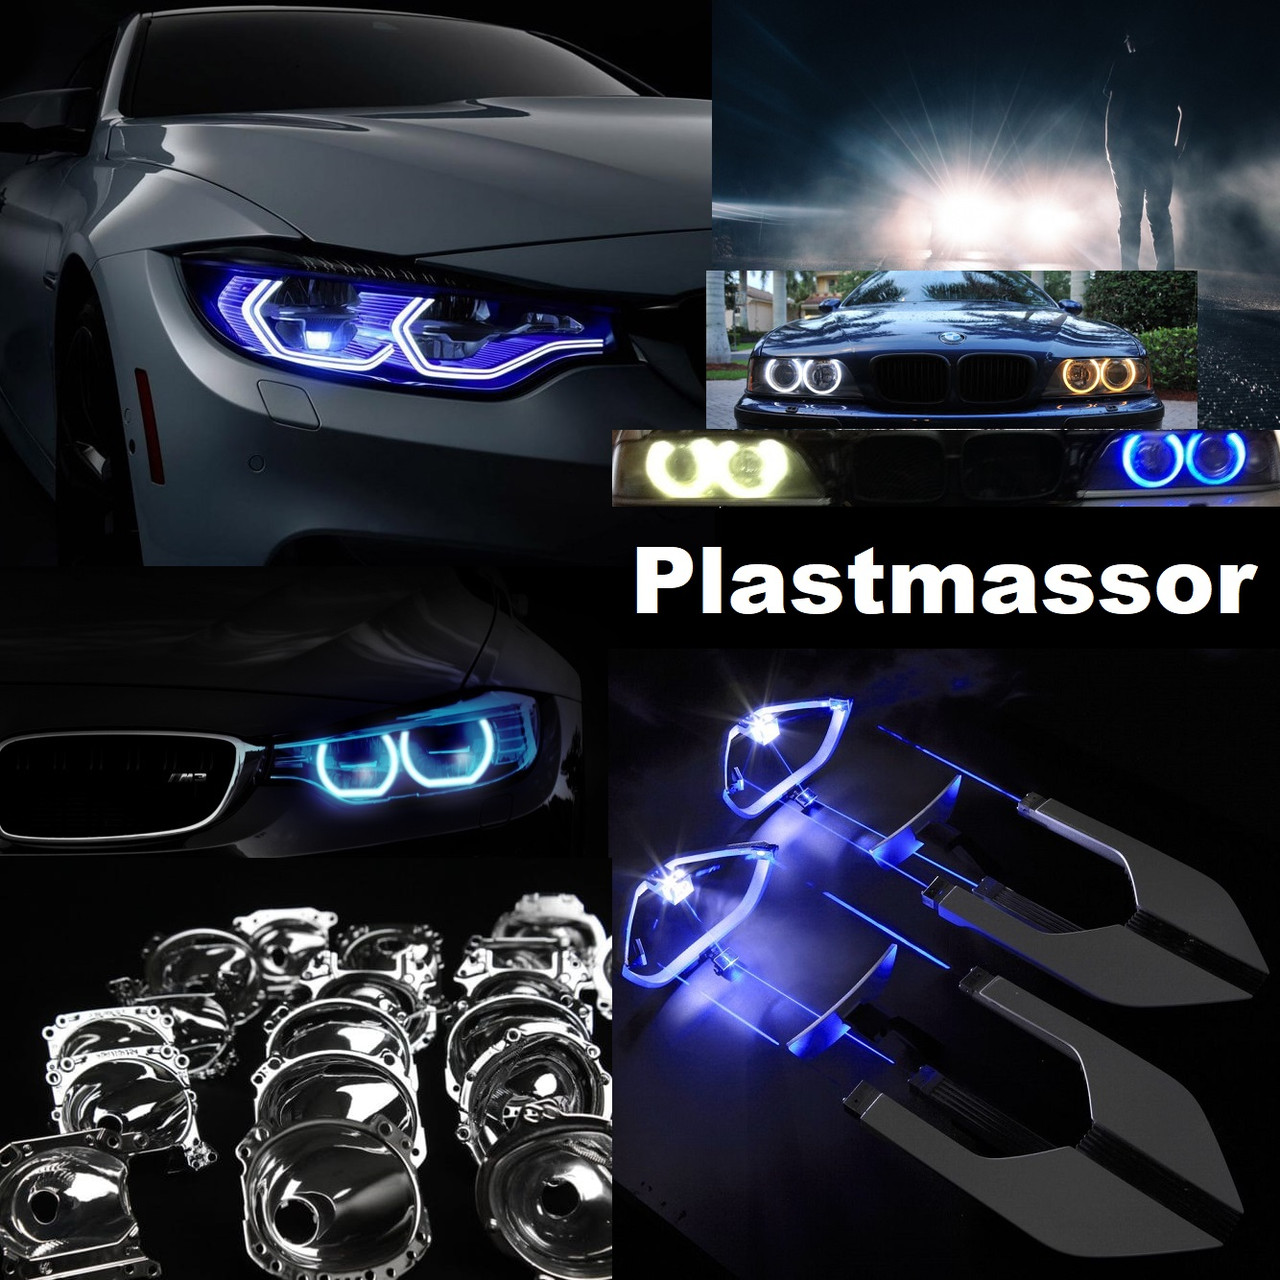 Ремонт Plastmassor вакуумная металлизация восстановление отражателей фар Jaguar